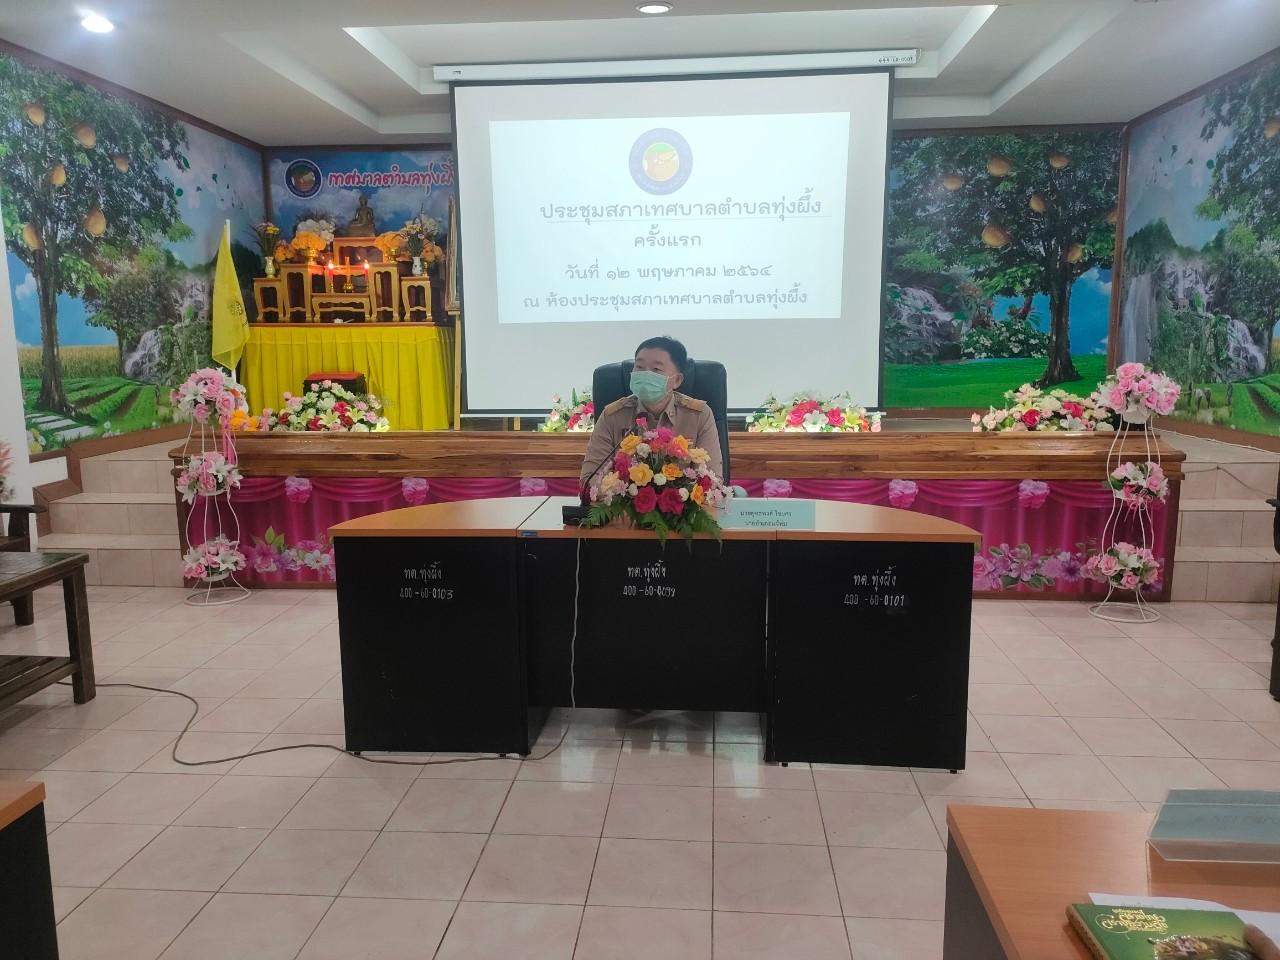 การประชุมสภาเทศบาลตำบลทุ่งผึ้ง ครั้งแรก